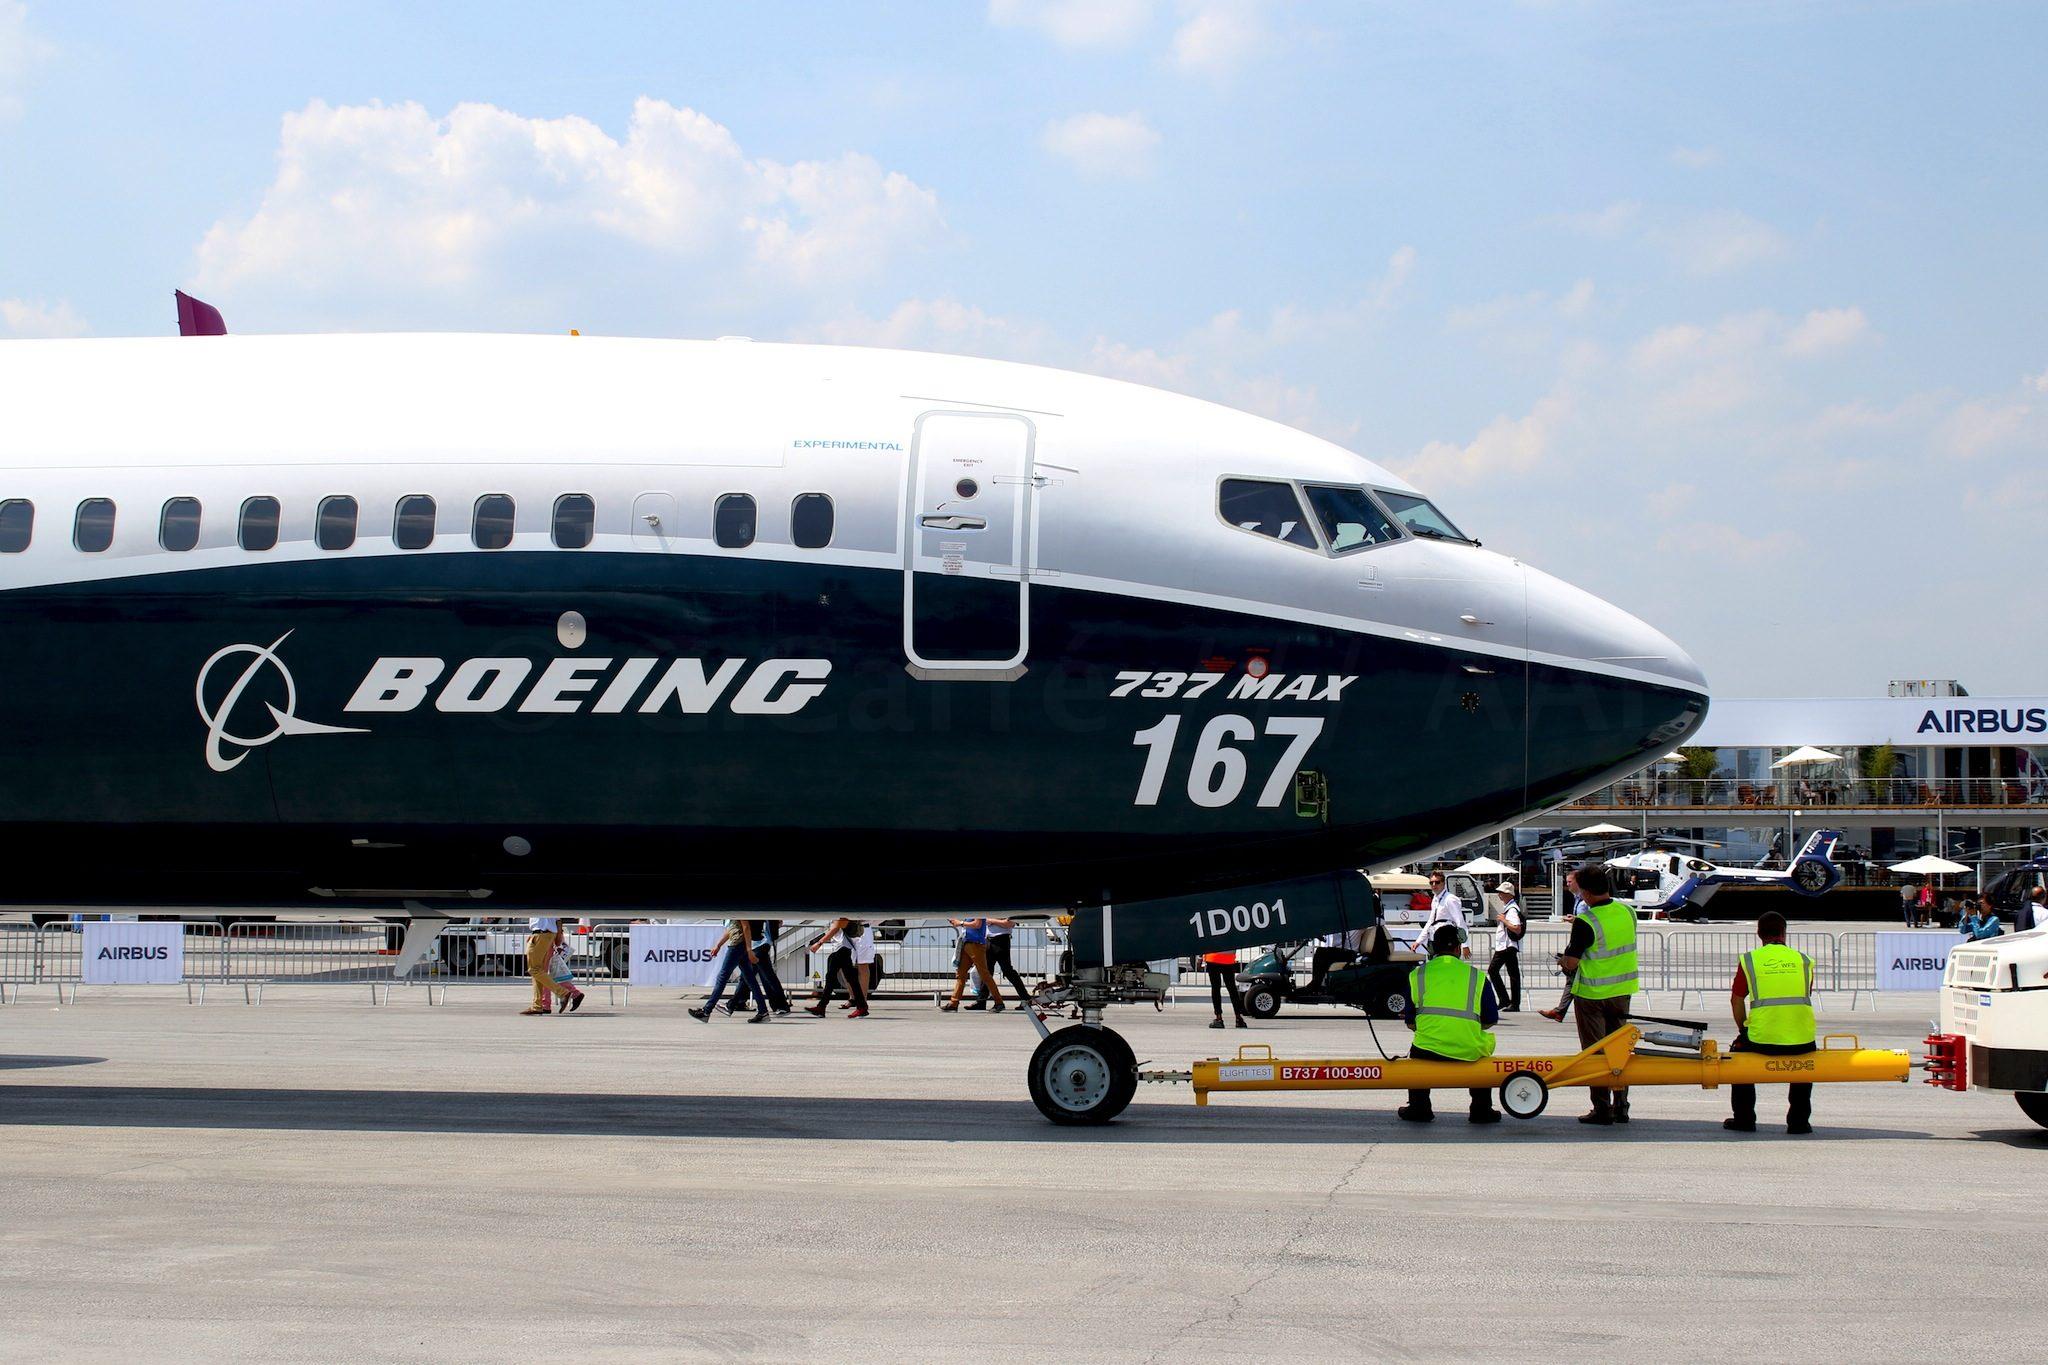 B737 MAX 10